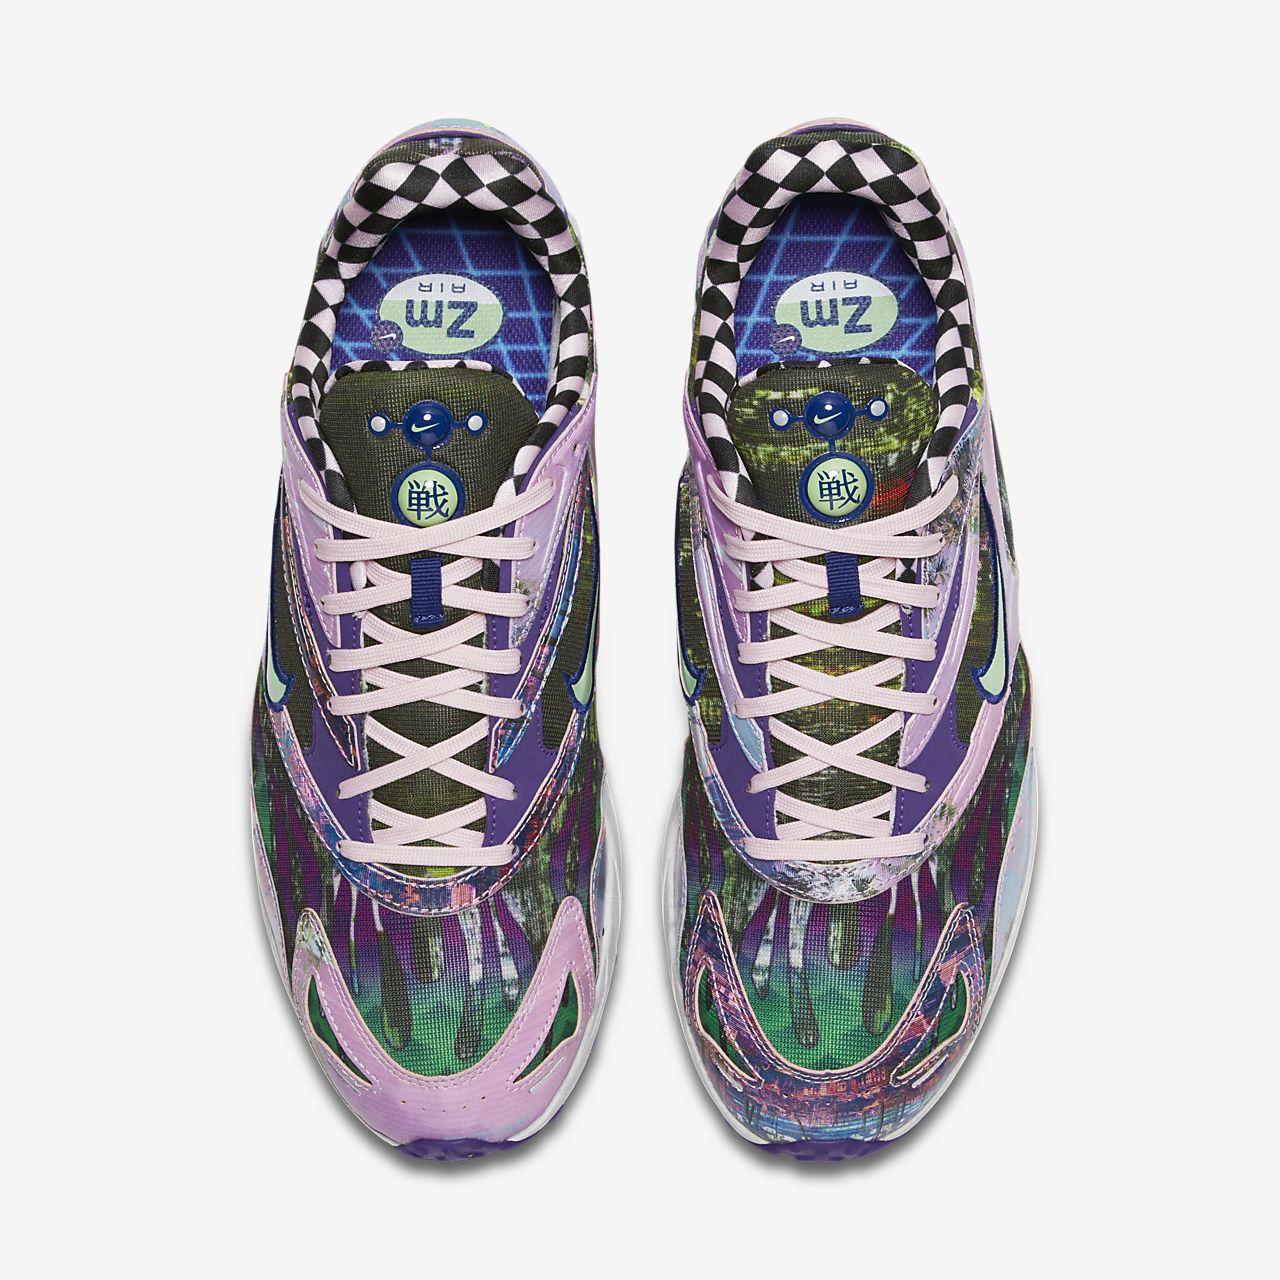 Streak Pour Plus Zoom Spectrum Homme Chaussure Nike Premium iuklXZOPwT